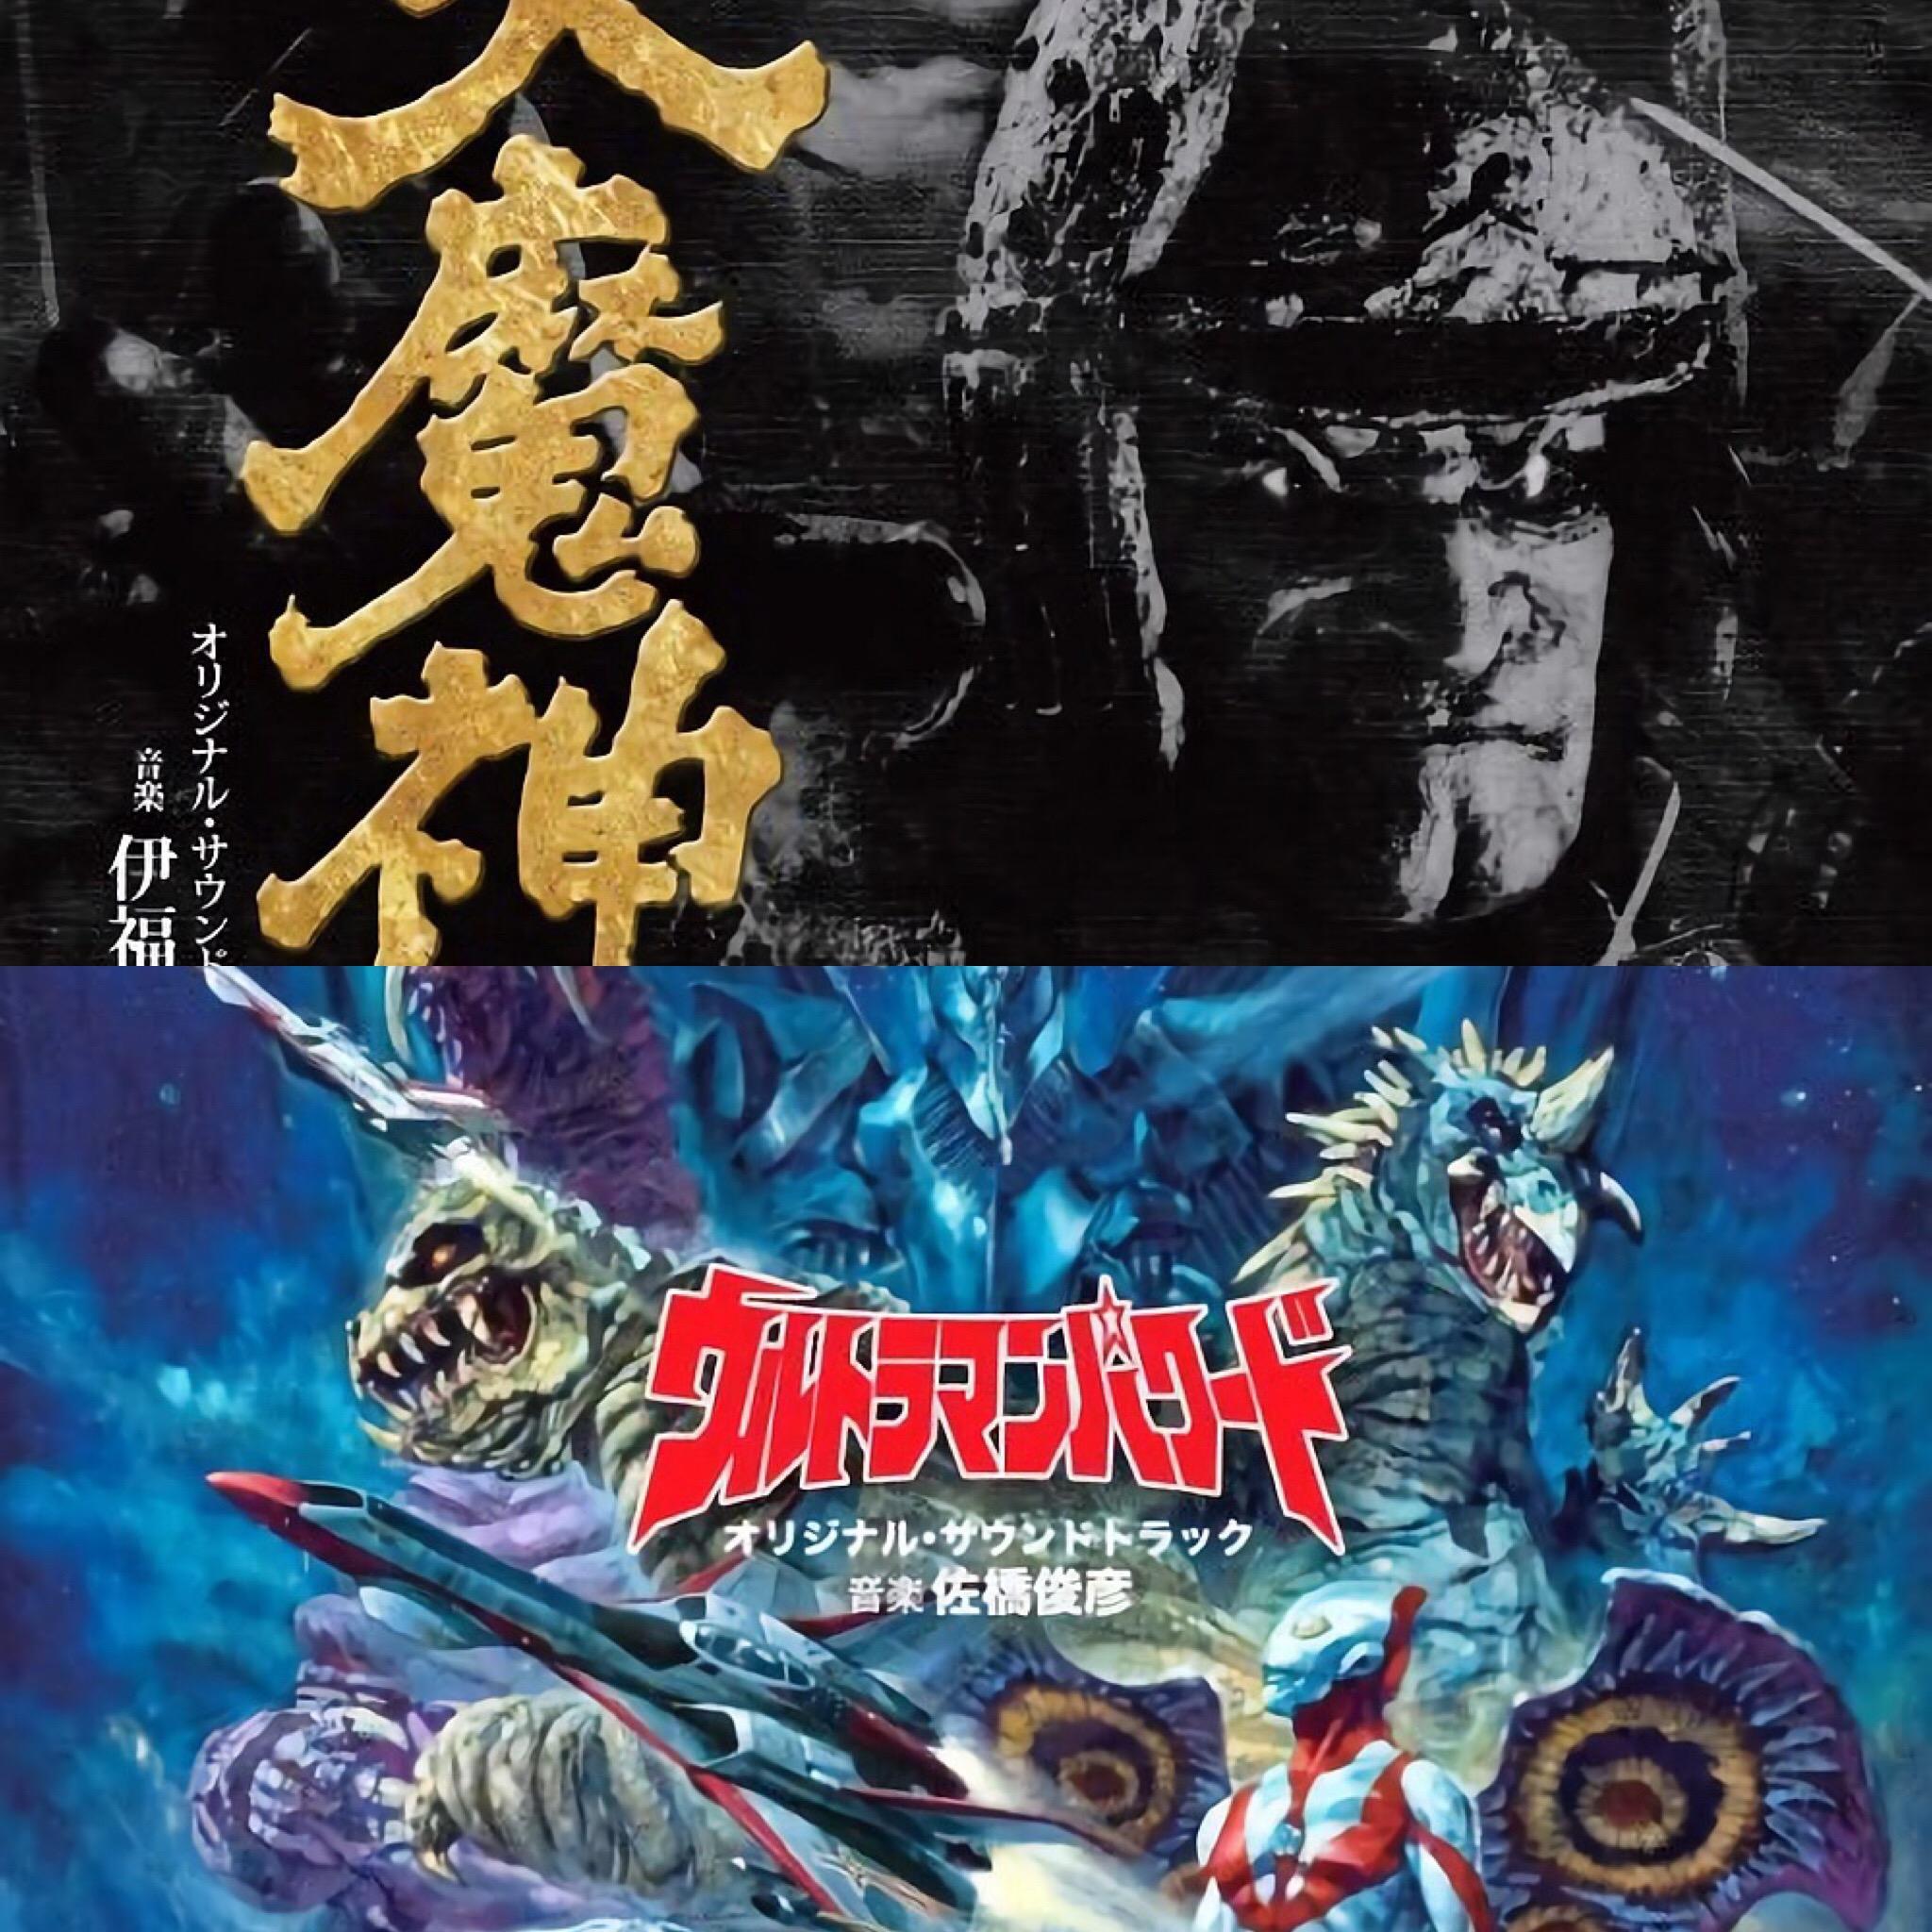 大魔神 オリジナル・サウンドトラック / ウルトラマンパワード オリジナル・サウンドトラック